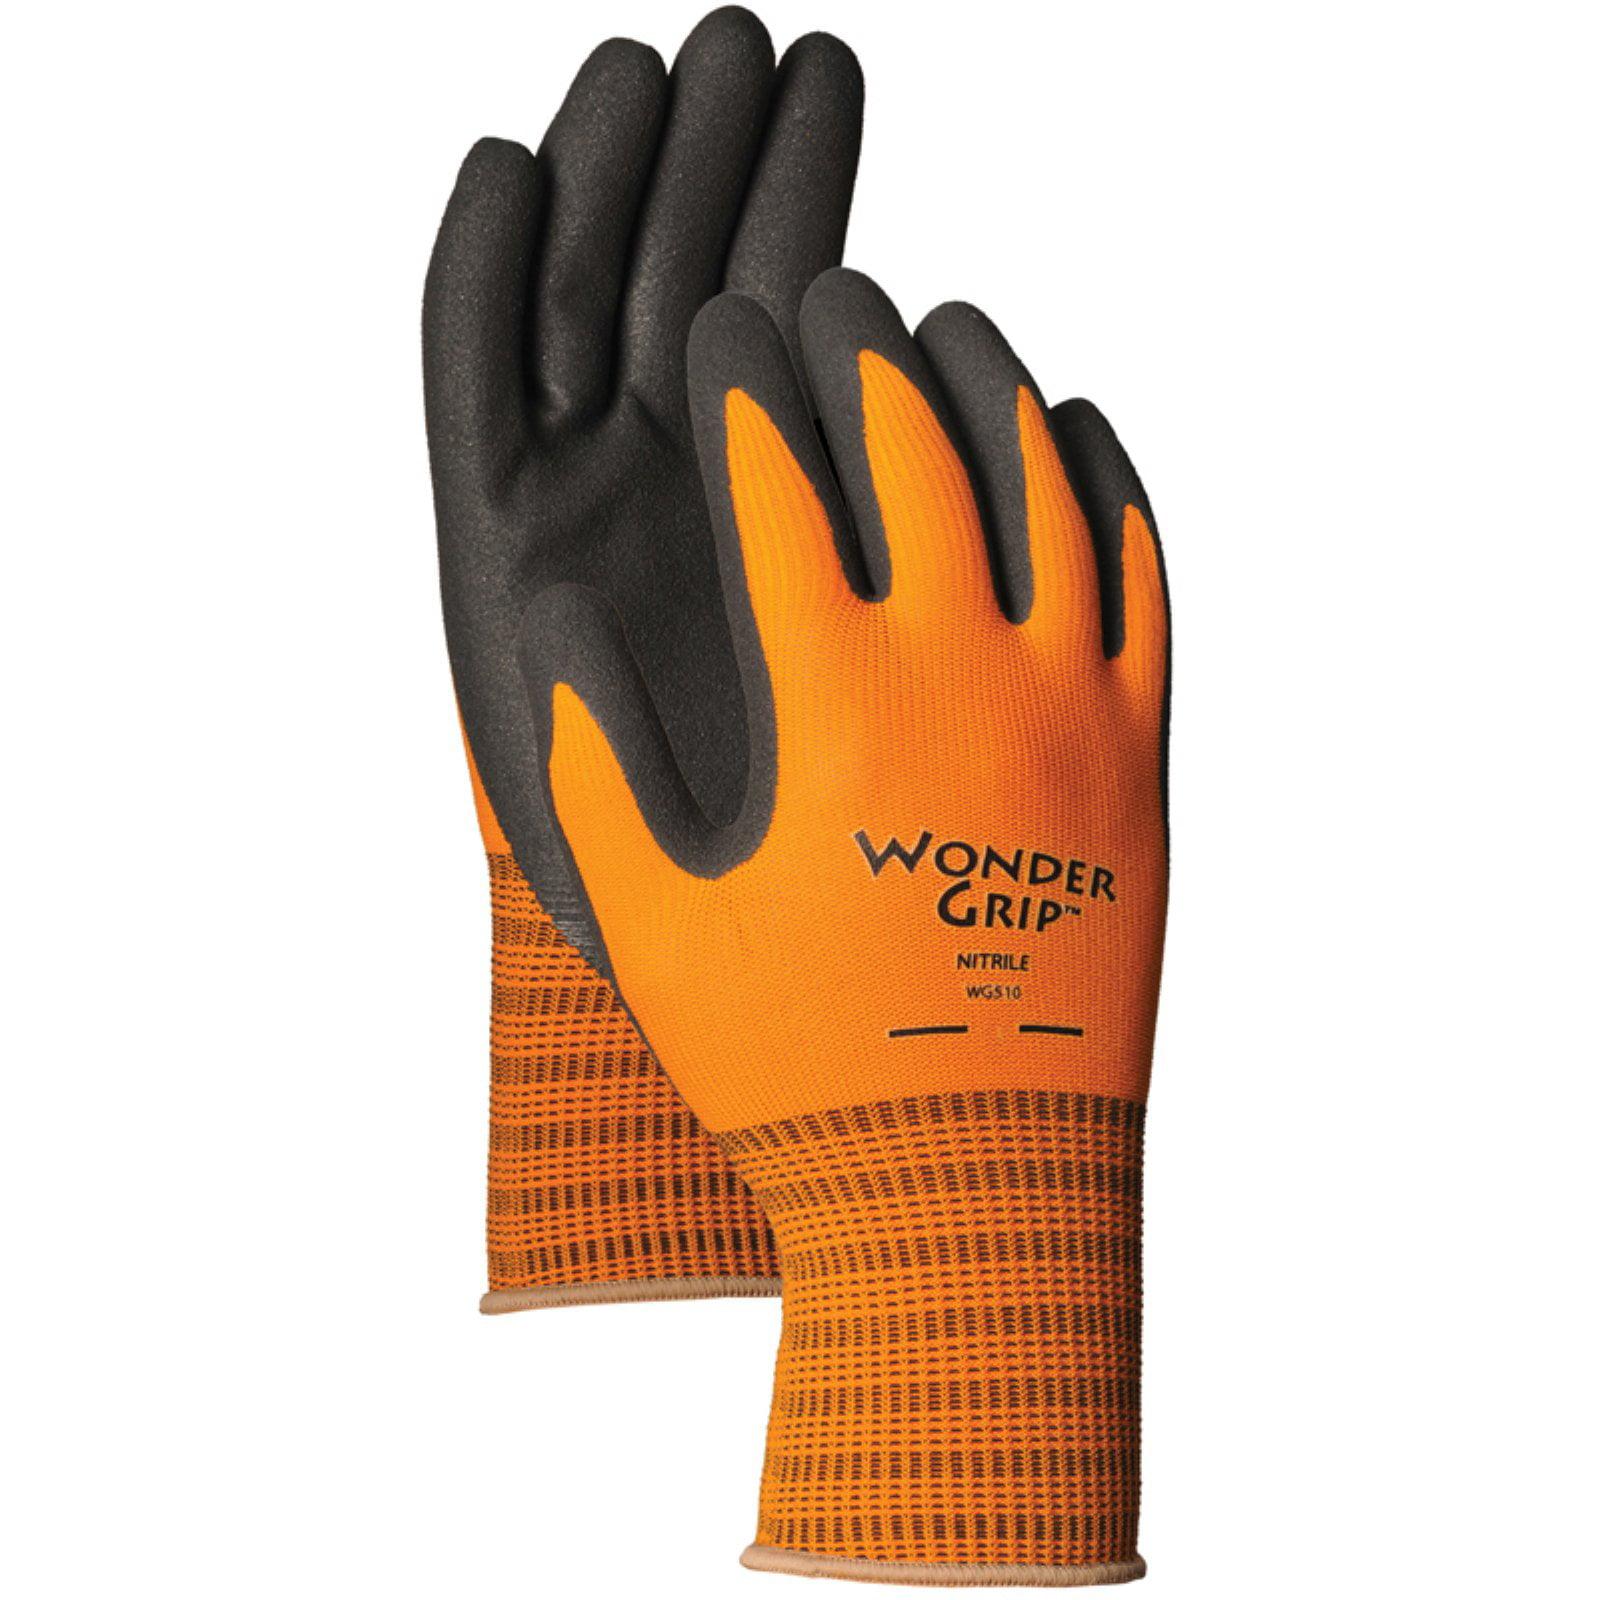 Wonder Grip WG510S Small Sienna Wonder Grip Nitrile Palm Gloves